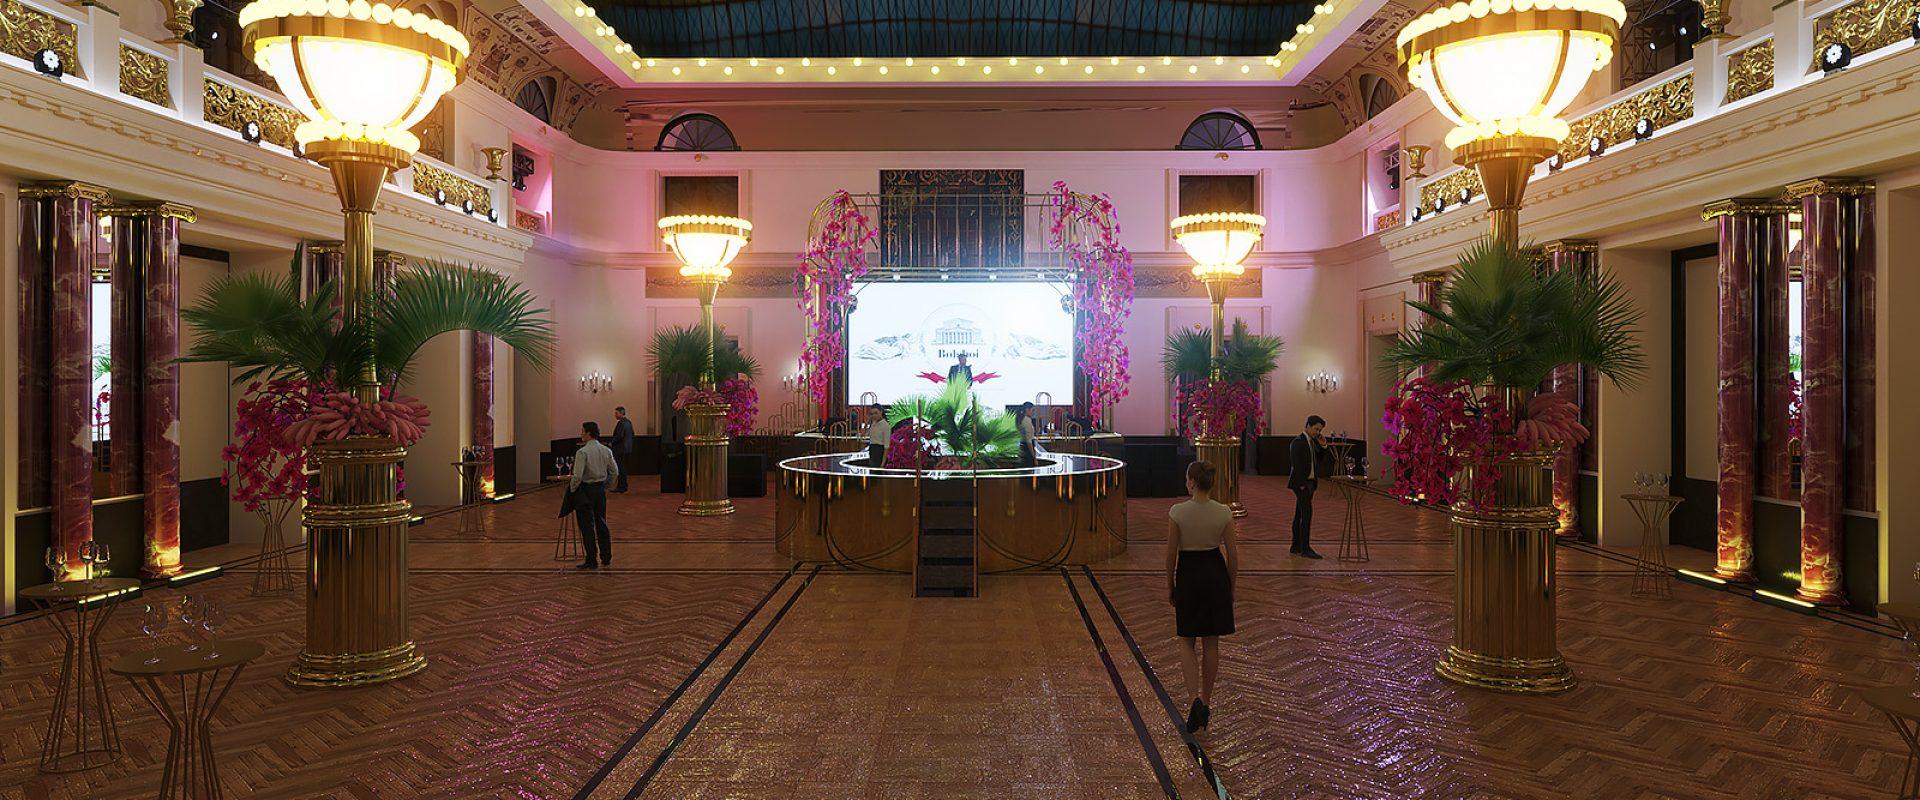 Bolshoy_event_Metropol_sged_7